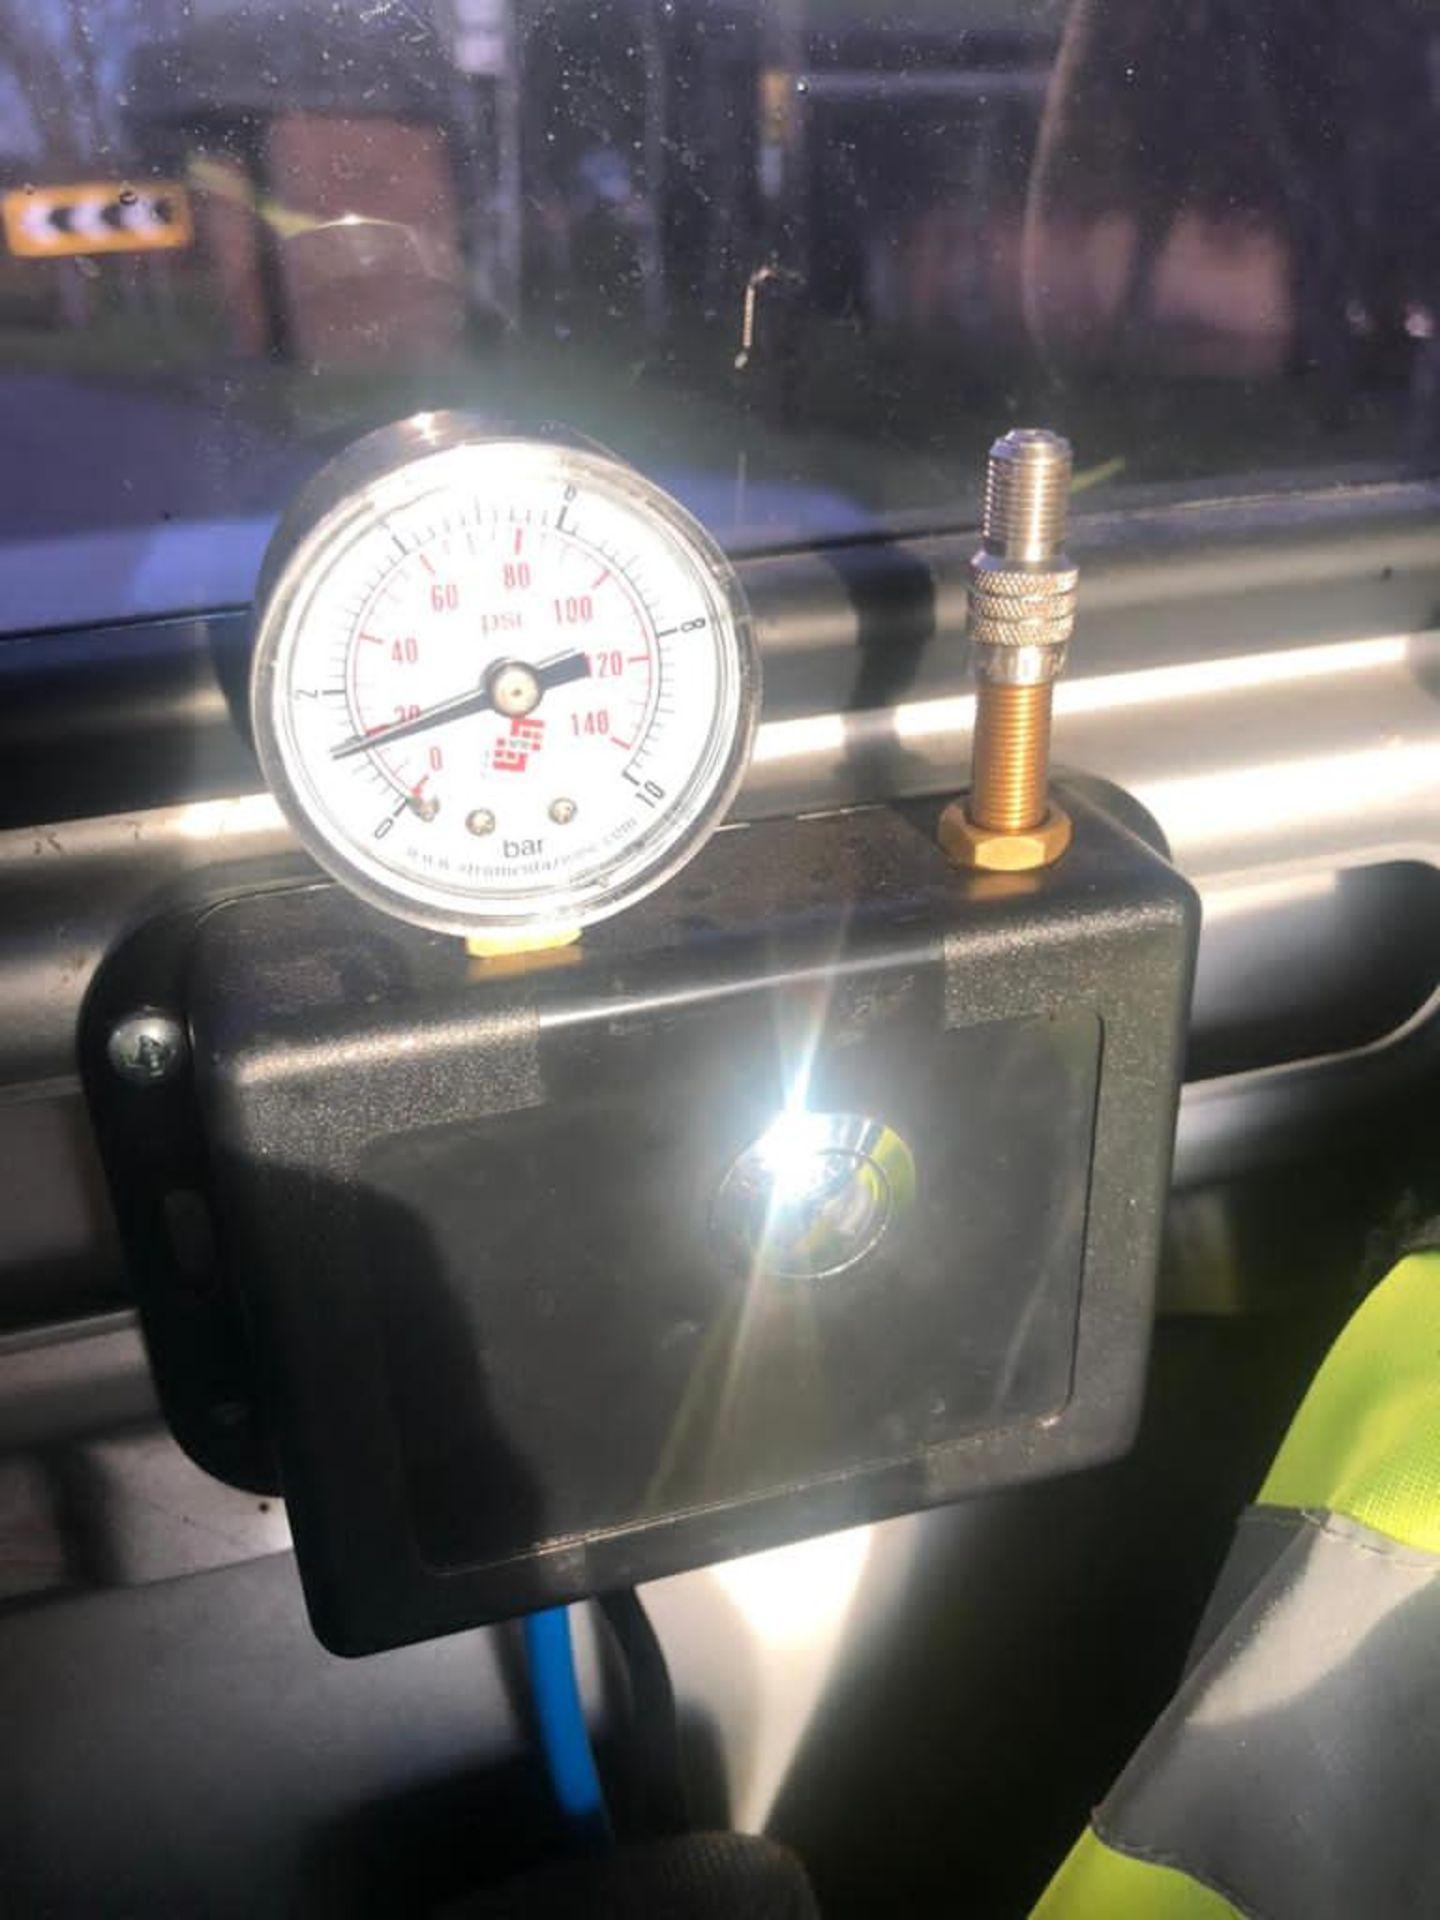 2011 MERCEDES BENZ TRANSPORTER - Image 11 of 17